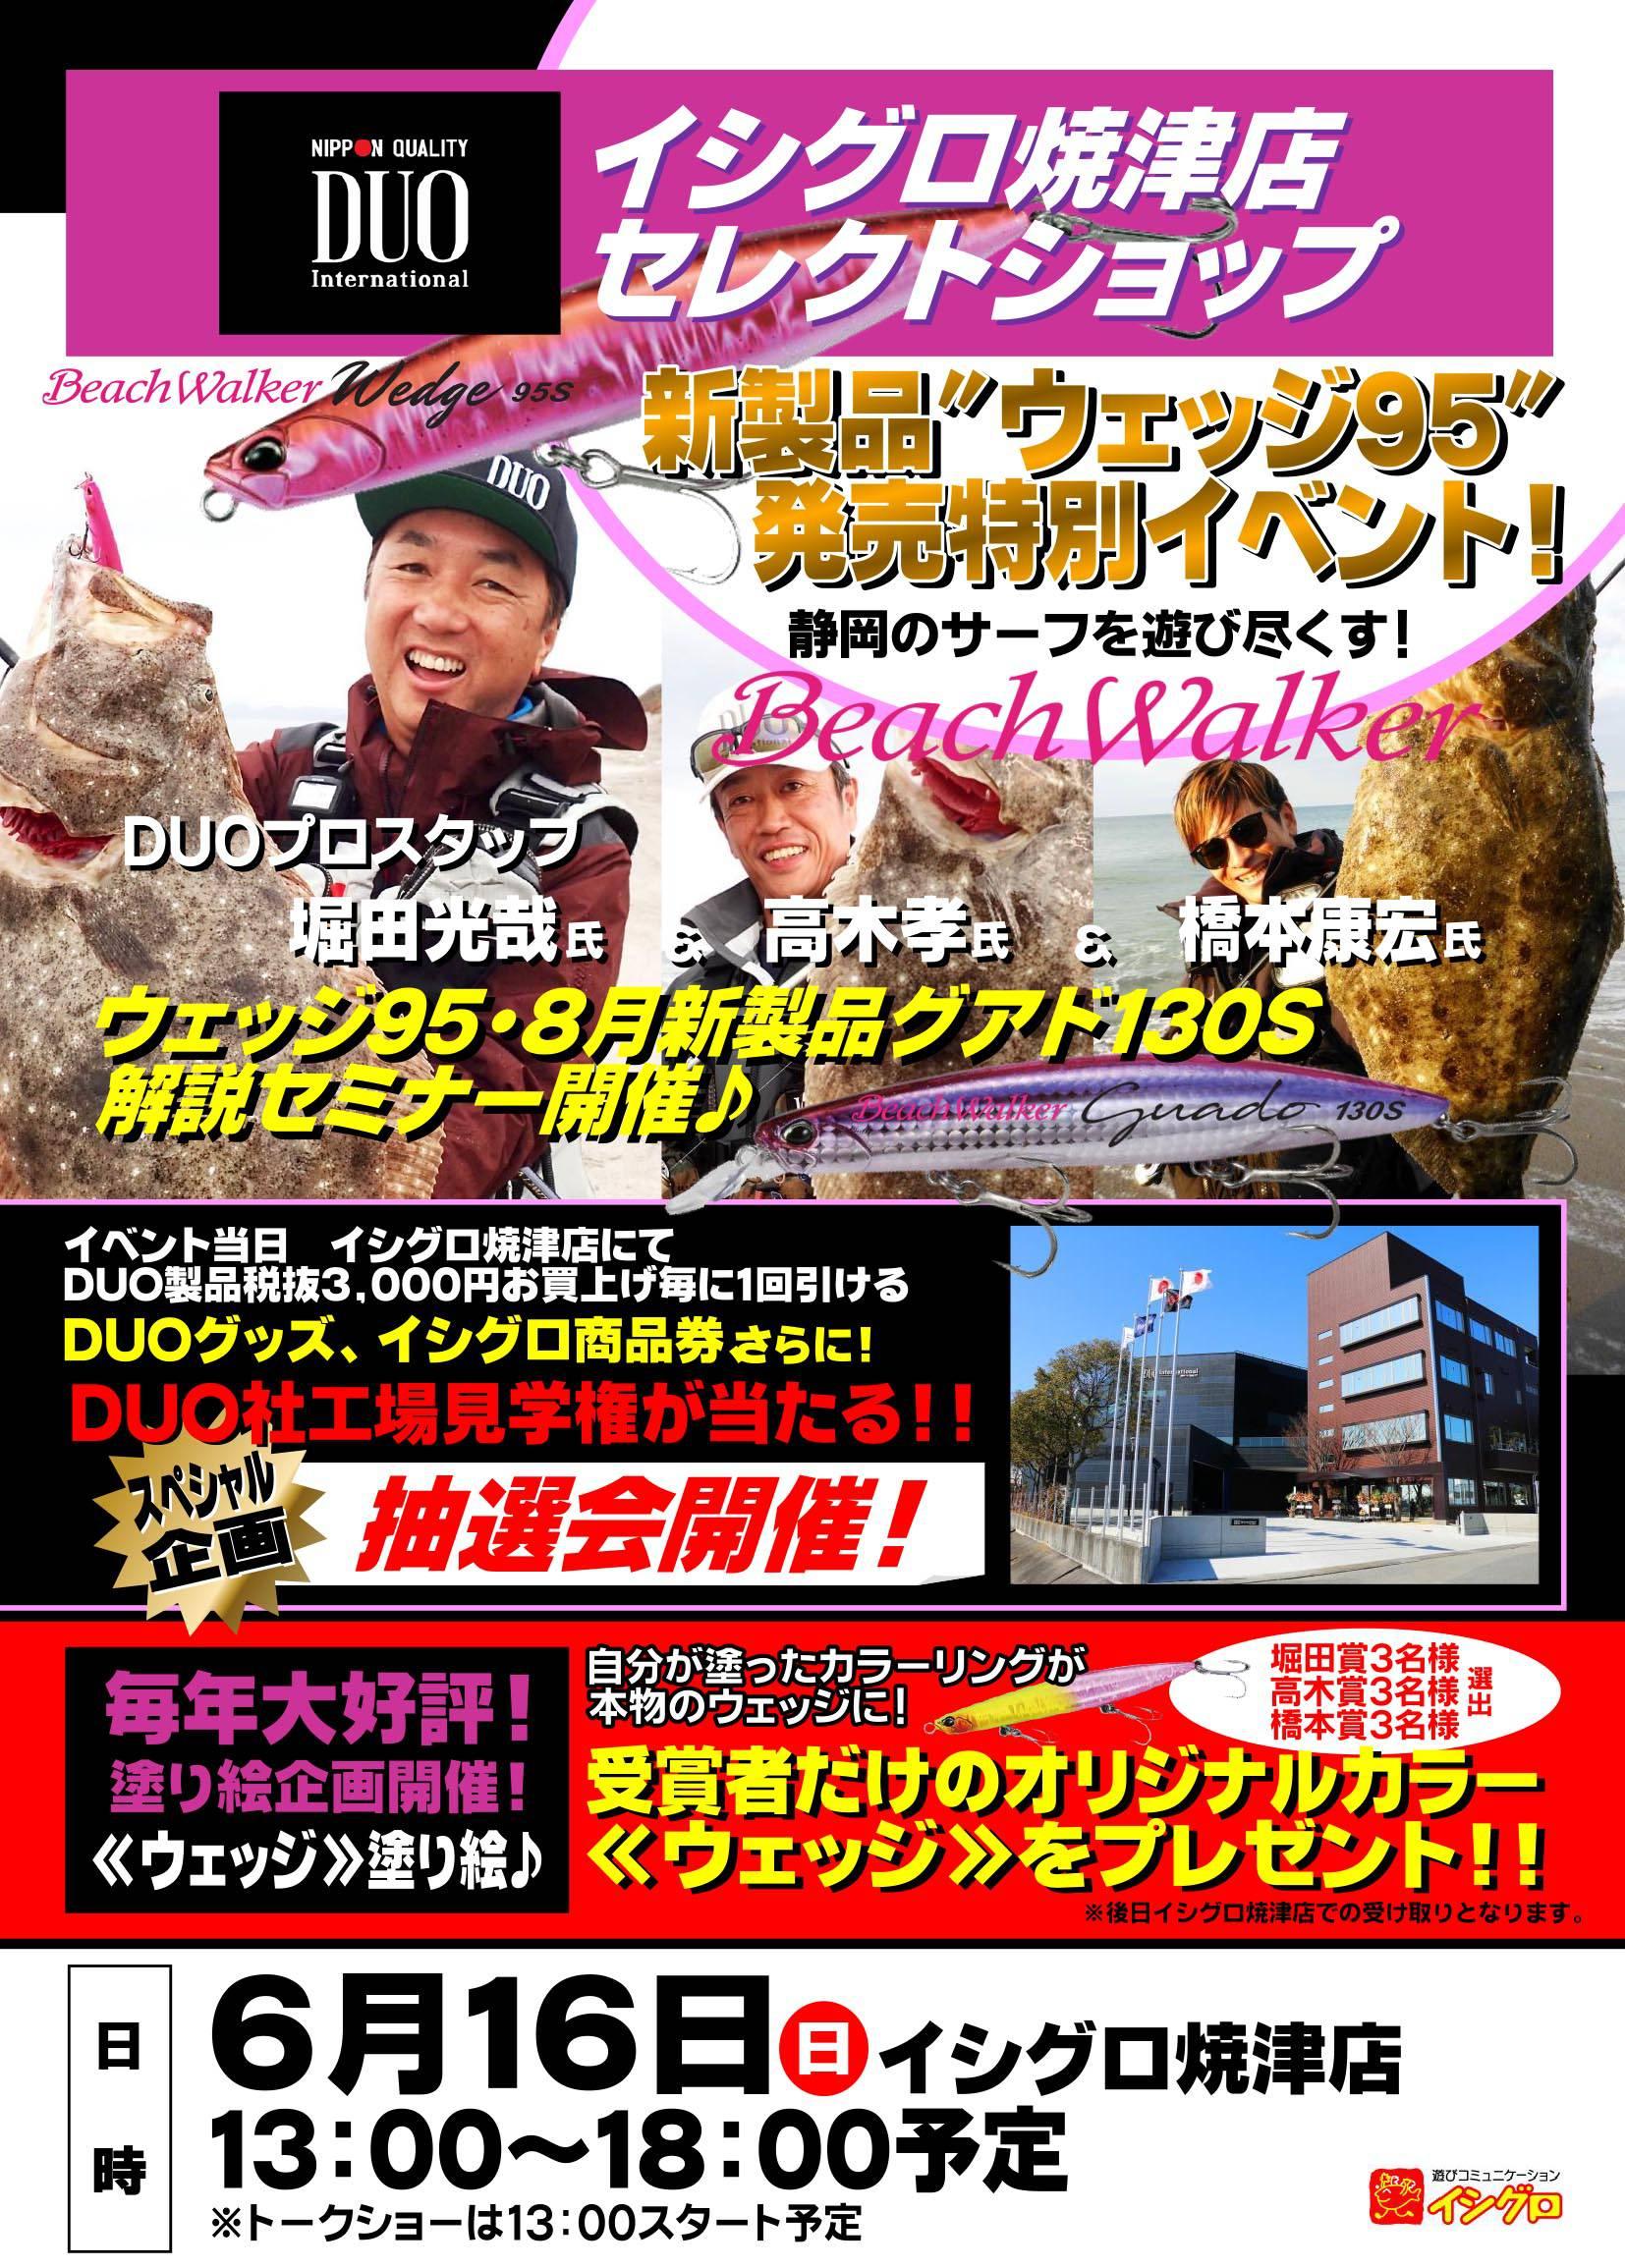 6月16日(日)イシグロ焼津店様にてBeachWalkerヒラメイベント開催!